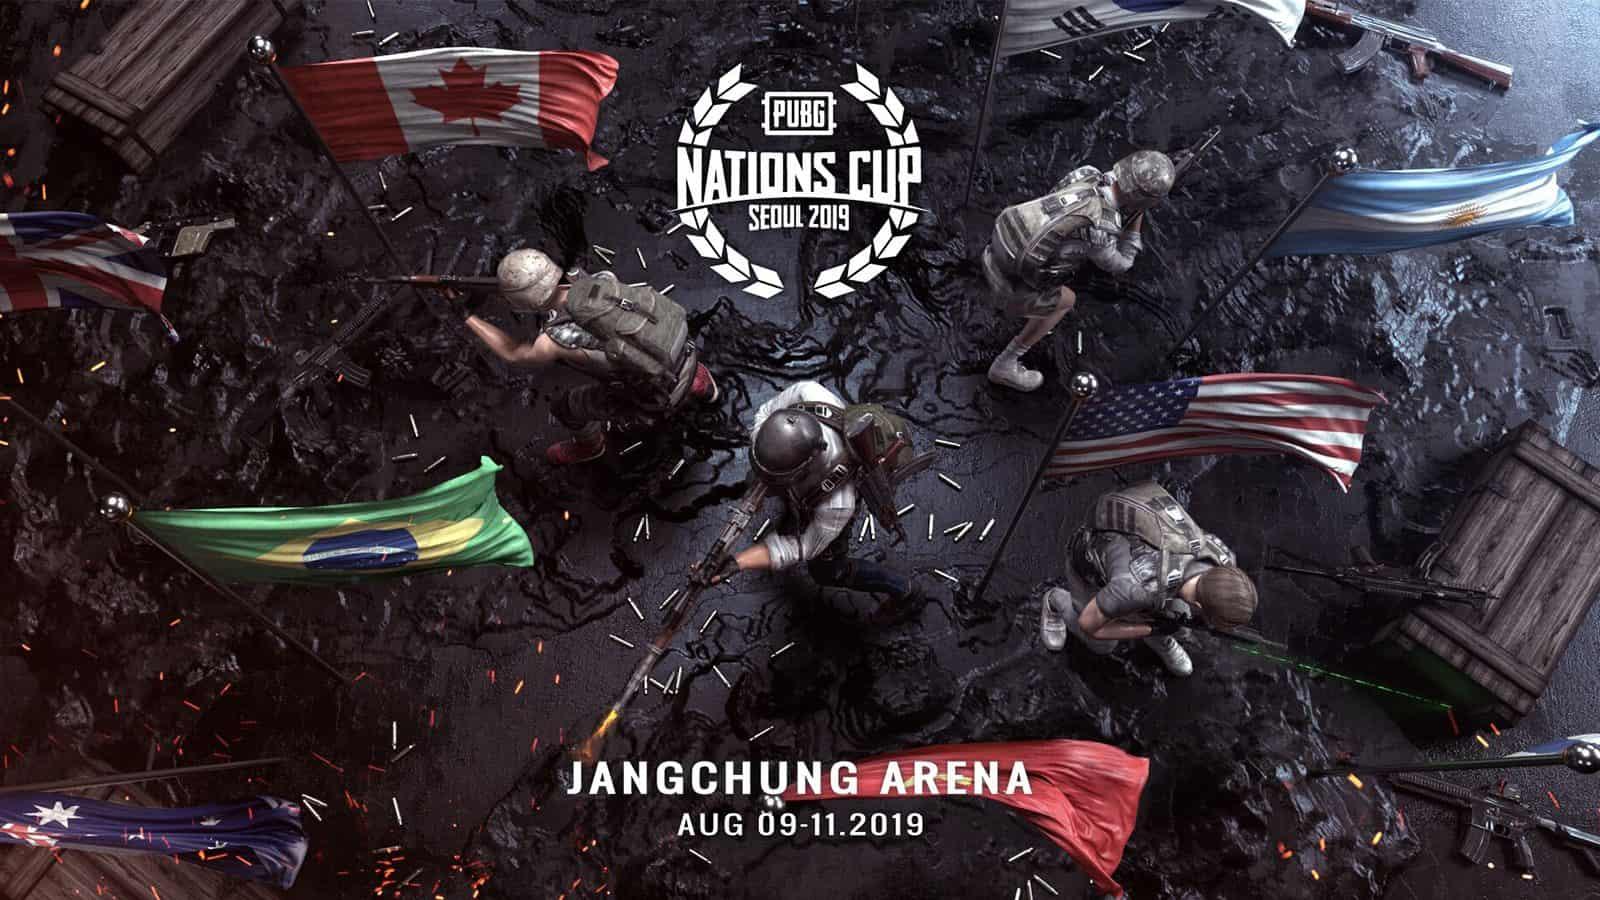 بطولة العالم ببجي نيشنز كب رياضة الكترونية PUBG-Nations-Cup-2019